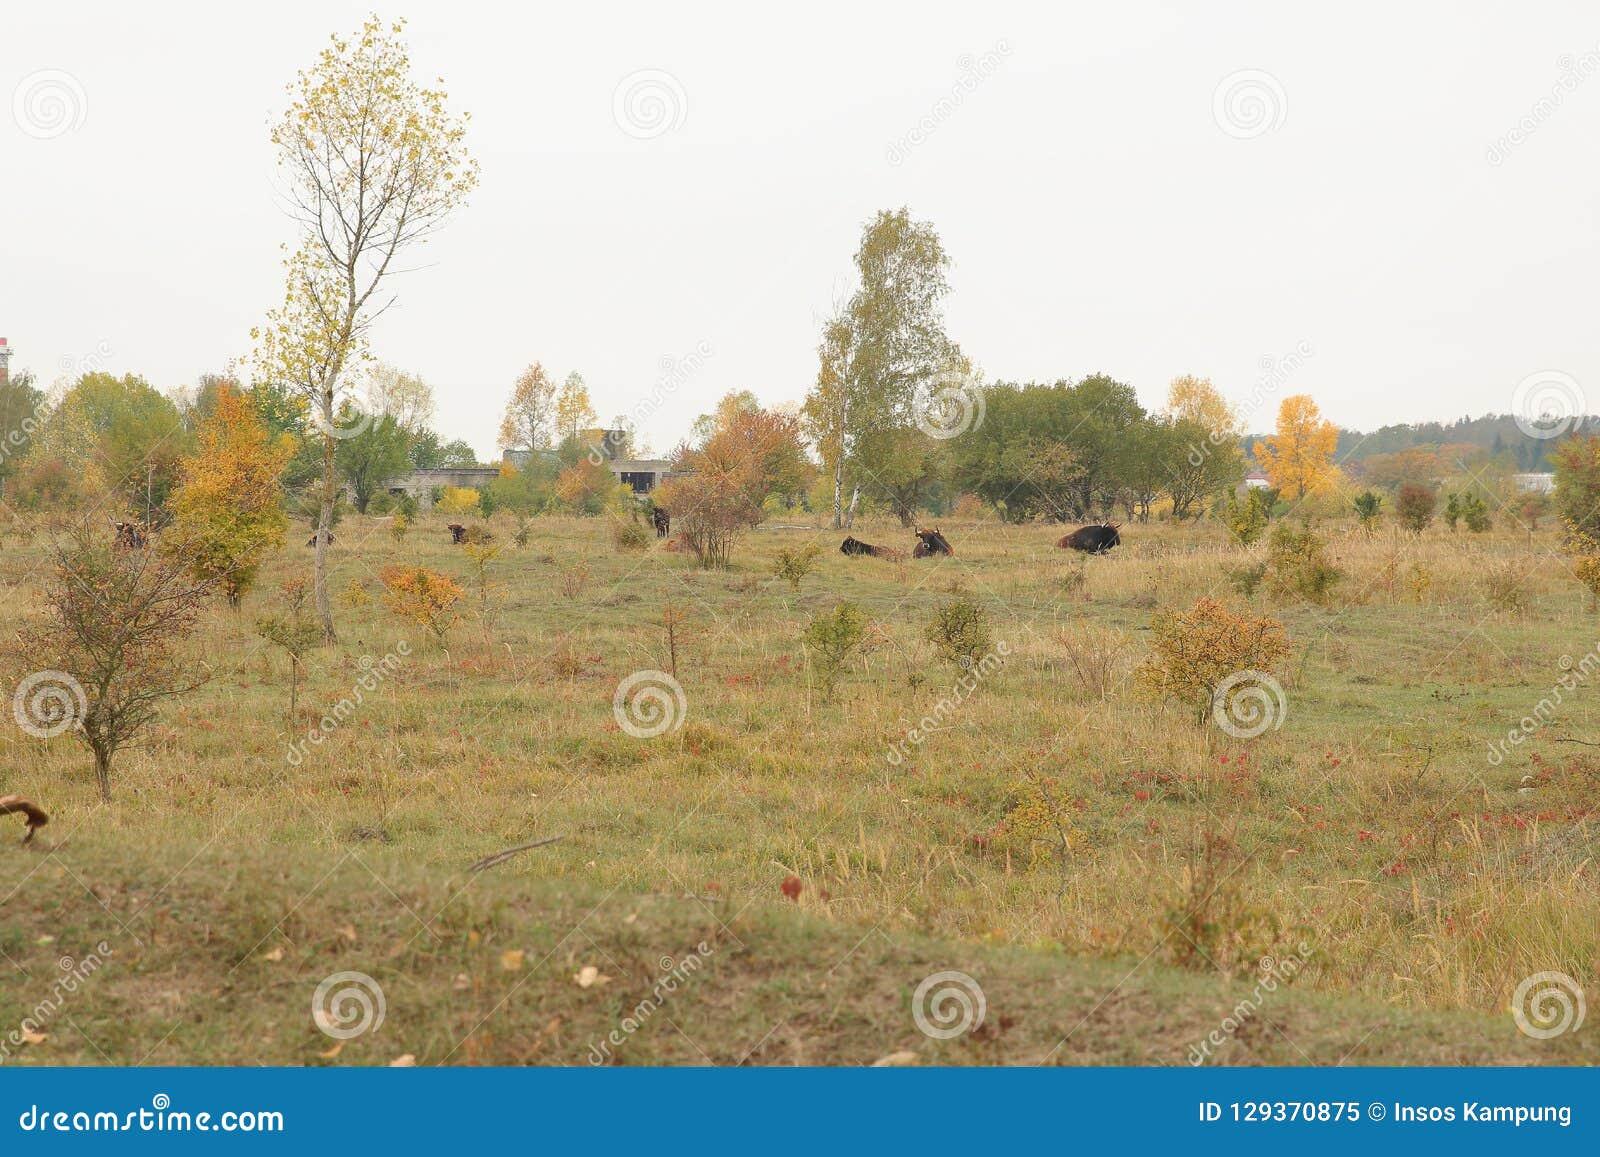 Aurochs in Milovice Nature Reserve, Czech Republic